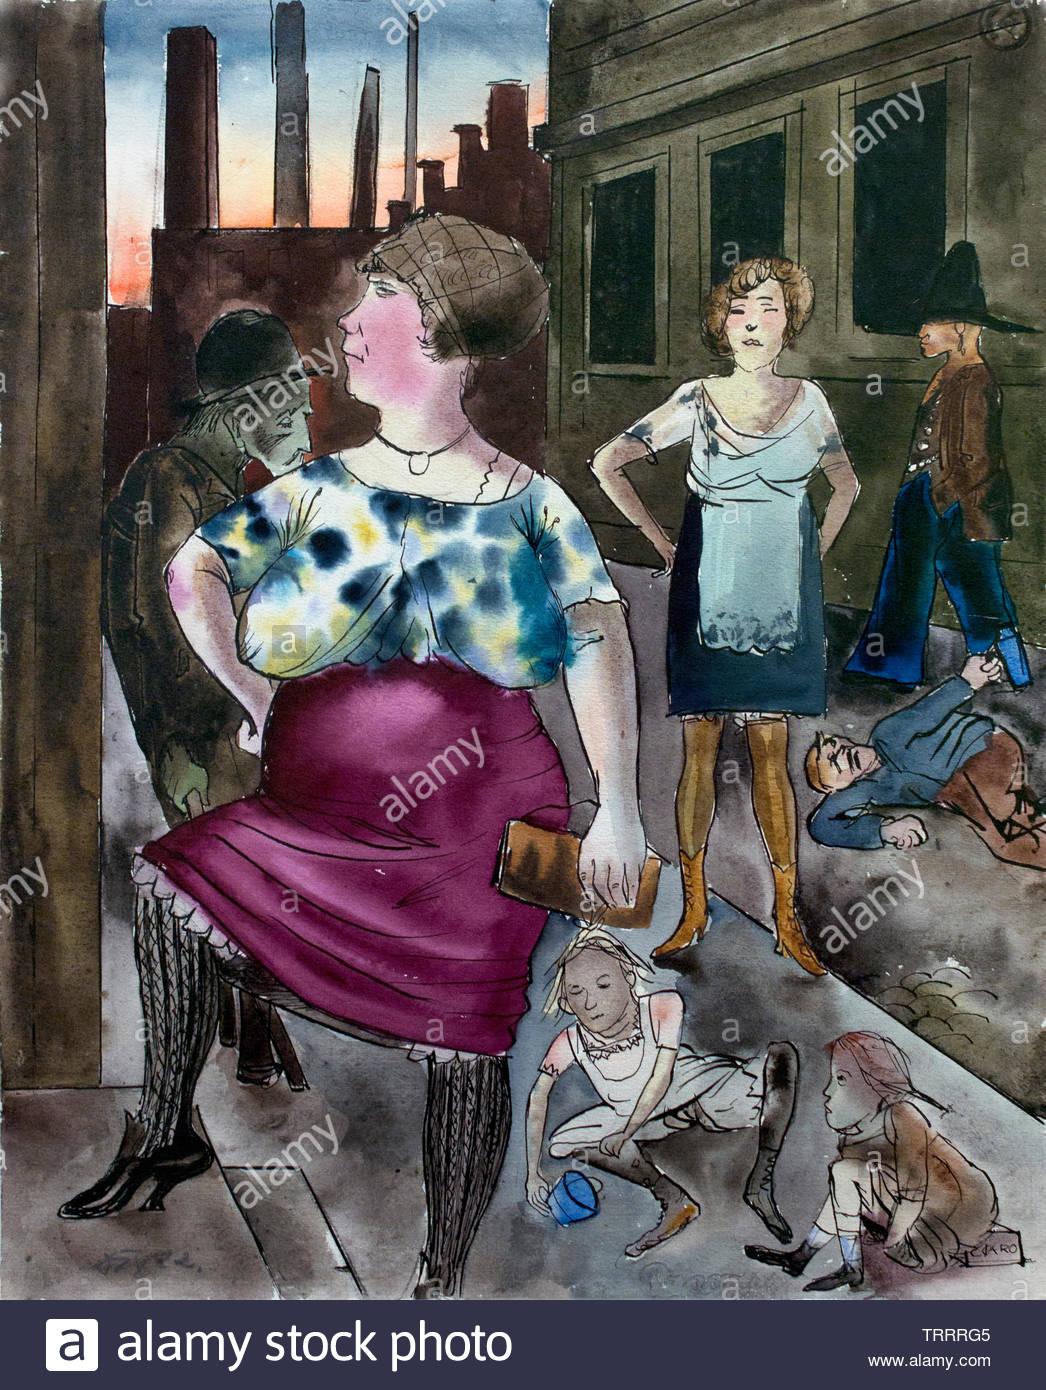 Suburb Scene 1922 by Otto Dix (Wilhelm Heinrich) born in1891 German painter (Neue Sachlichkeit) Germany - Stock Image